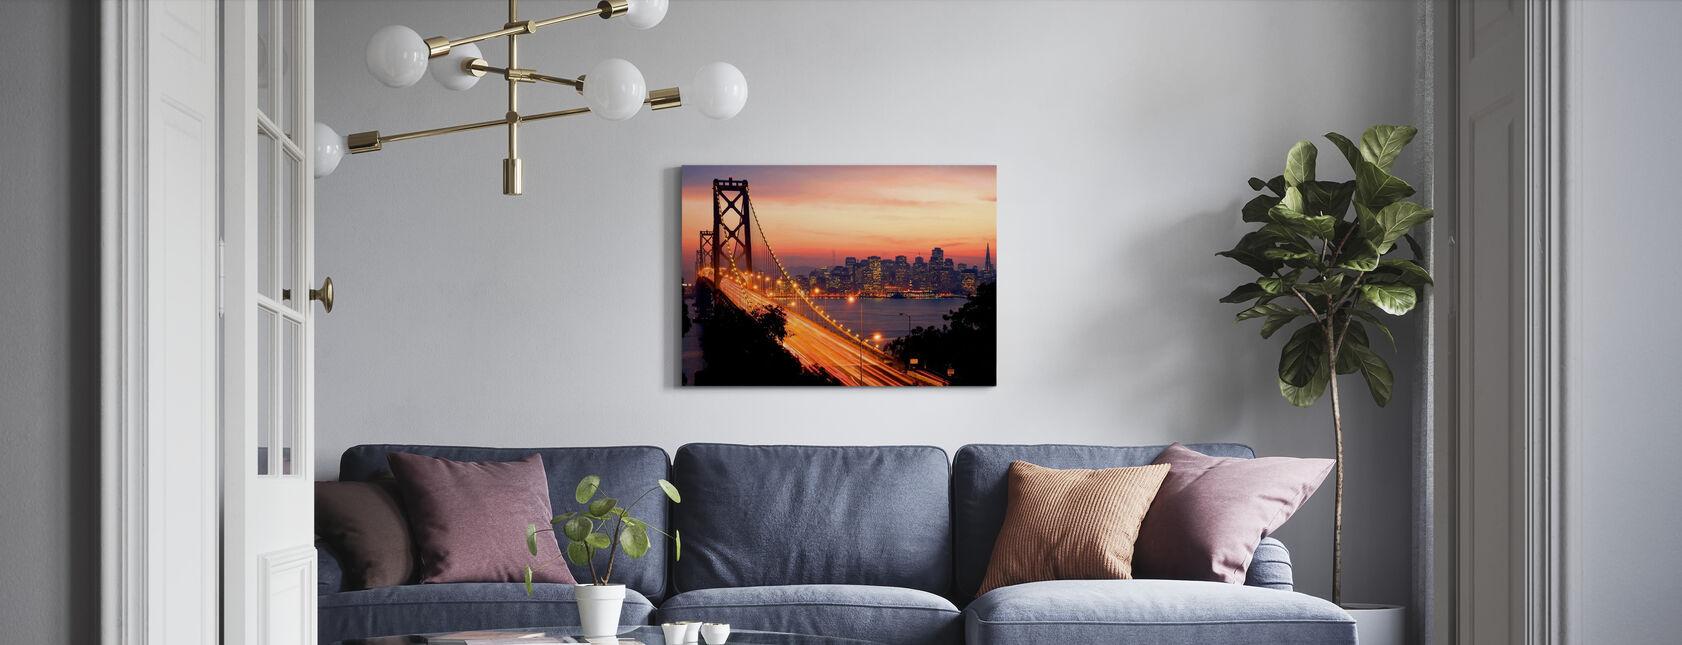 San Francisco, Kalifornia, Yhdysvallat - Canvastaulu - Olohuone